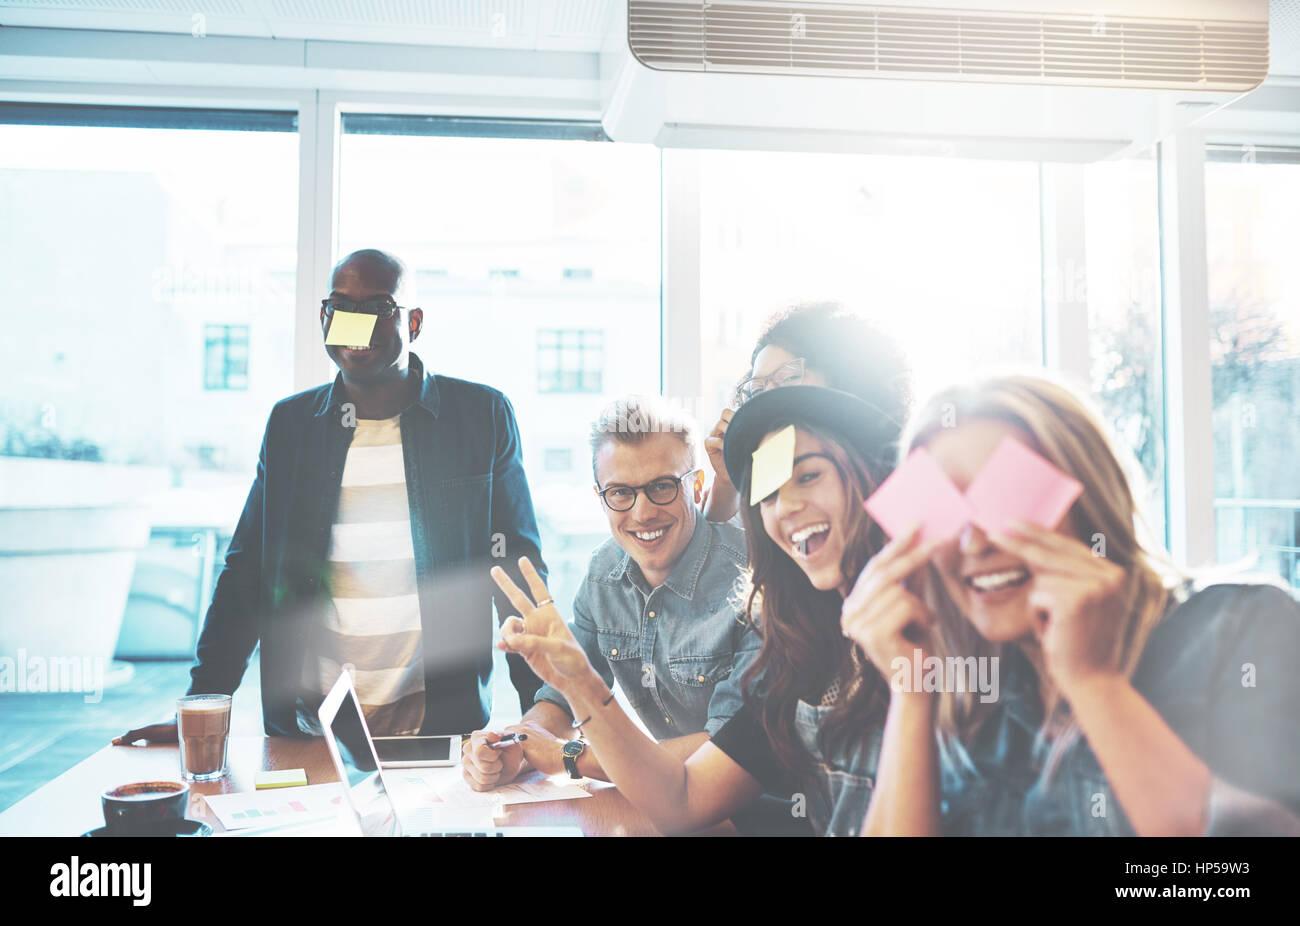 Bella giovani si divertono con sticky notes seduti insieme al tavolo del bar vicino alla finestra luminosa, giocando Immagini Stock